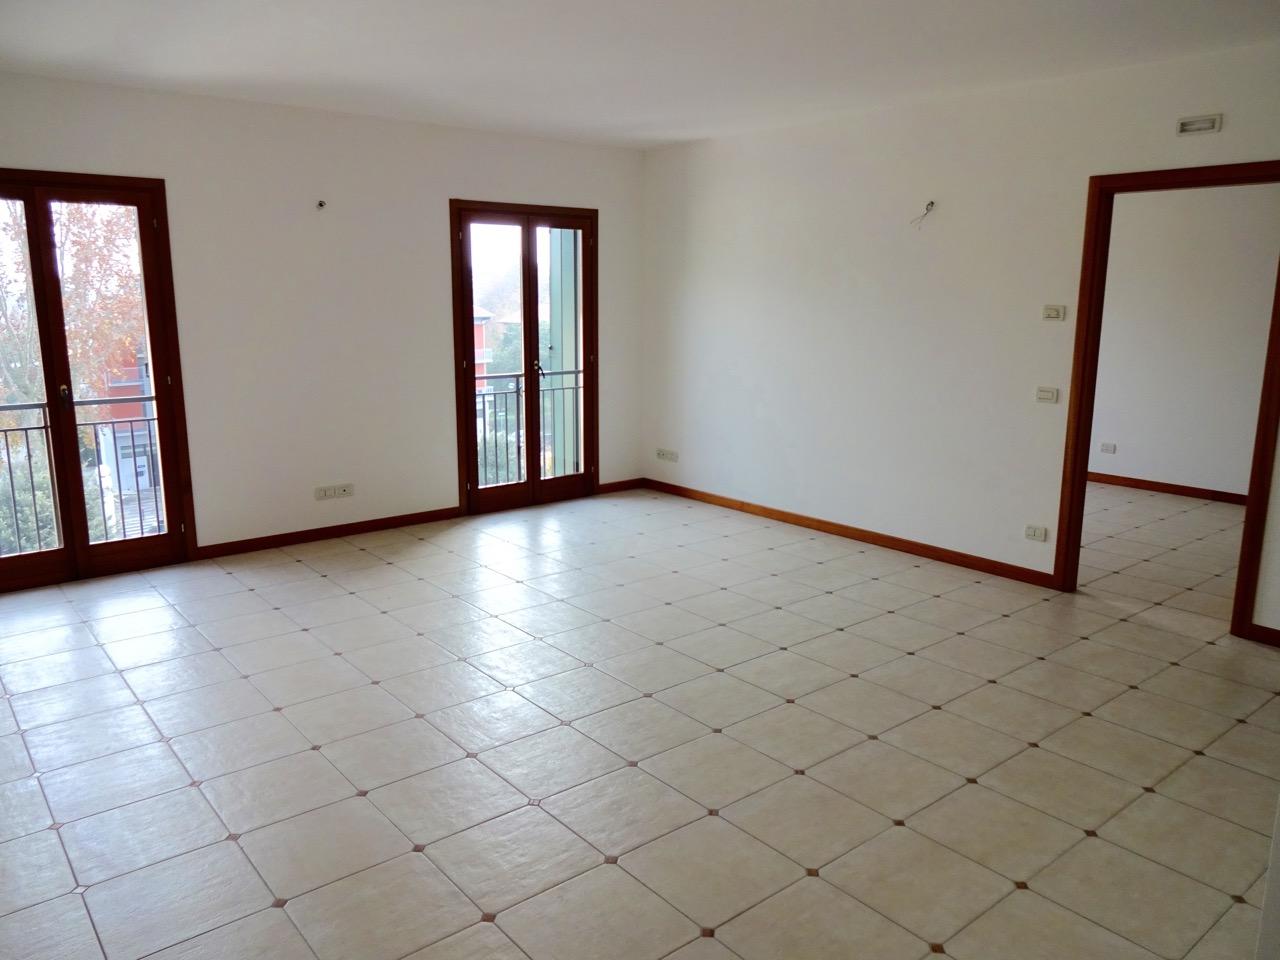 Splendido attico nuovo, adiacente al centro